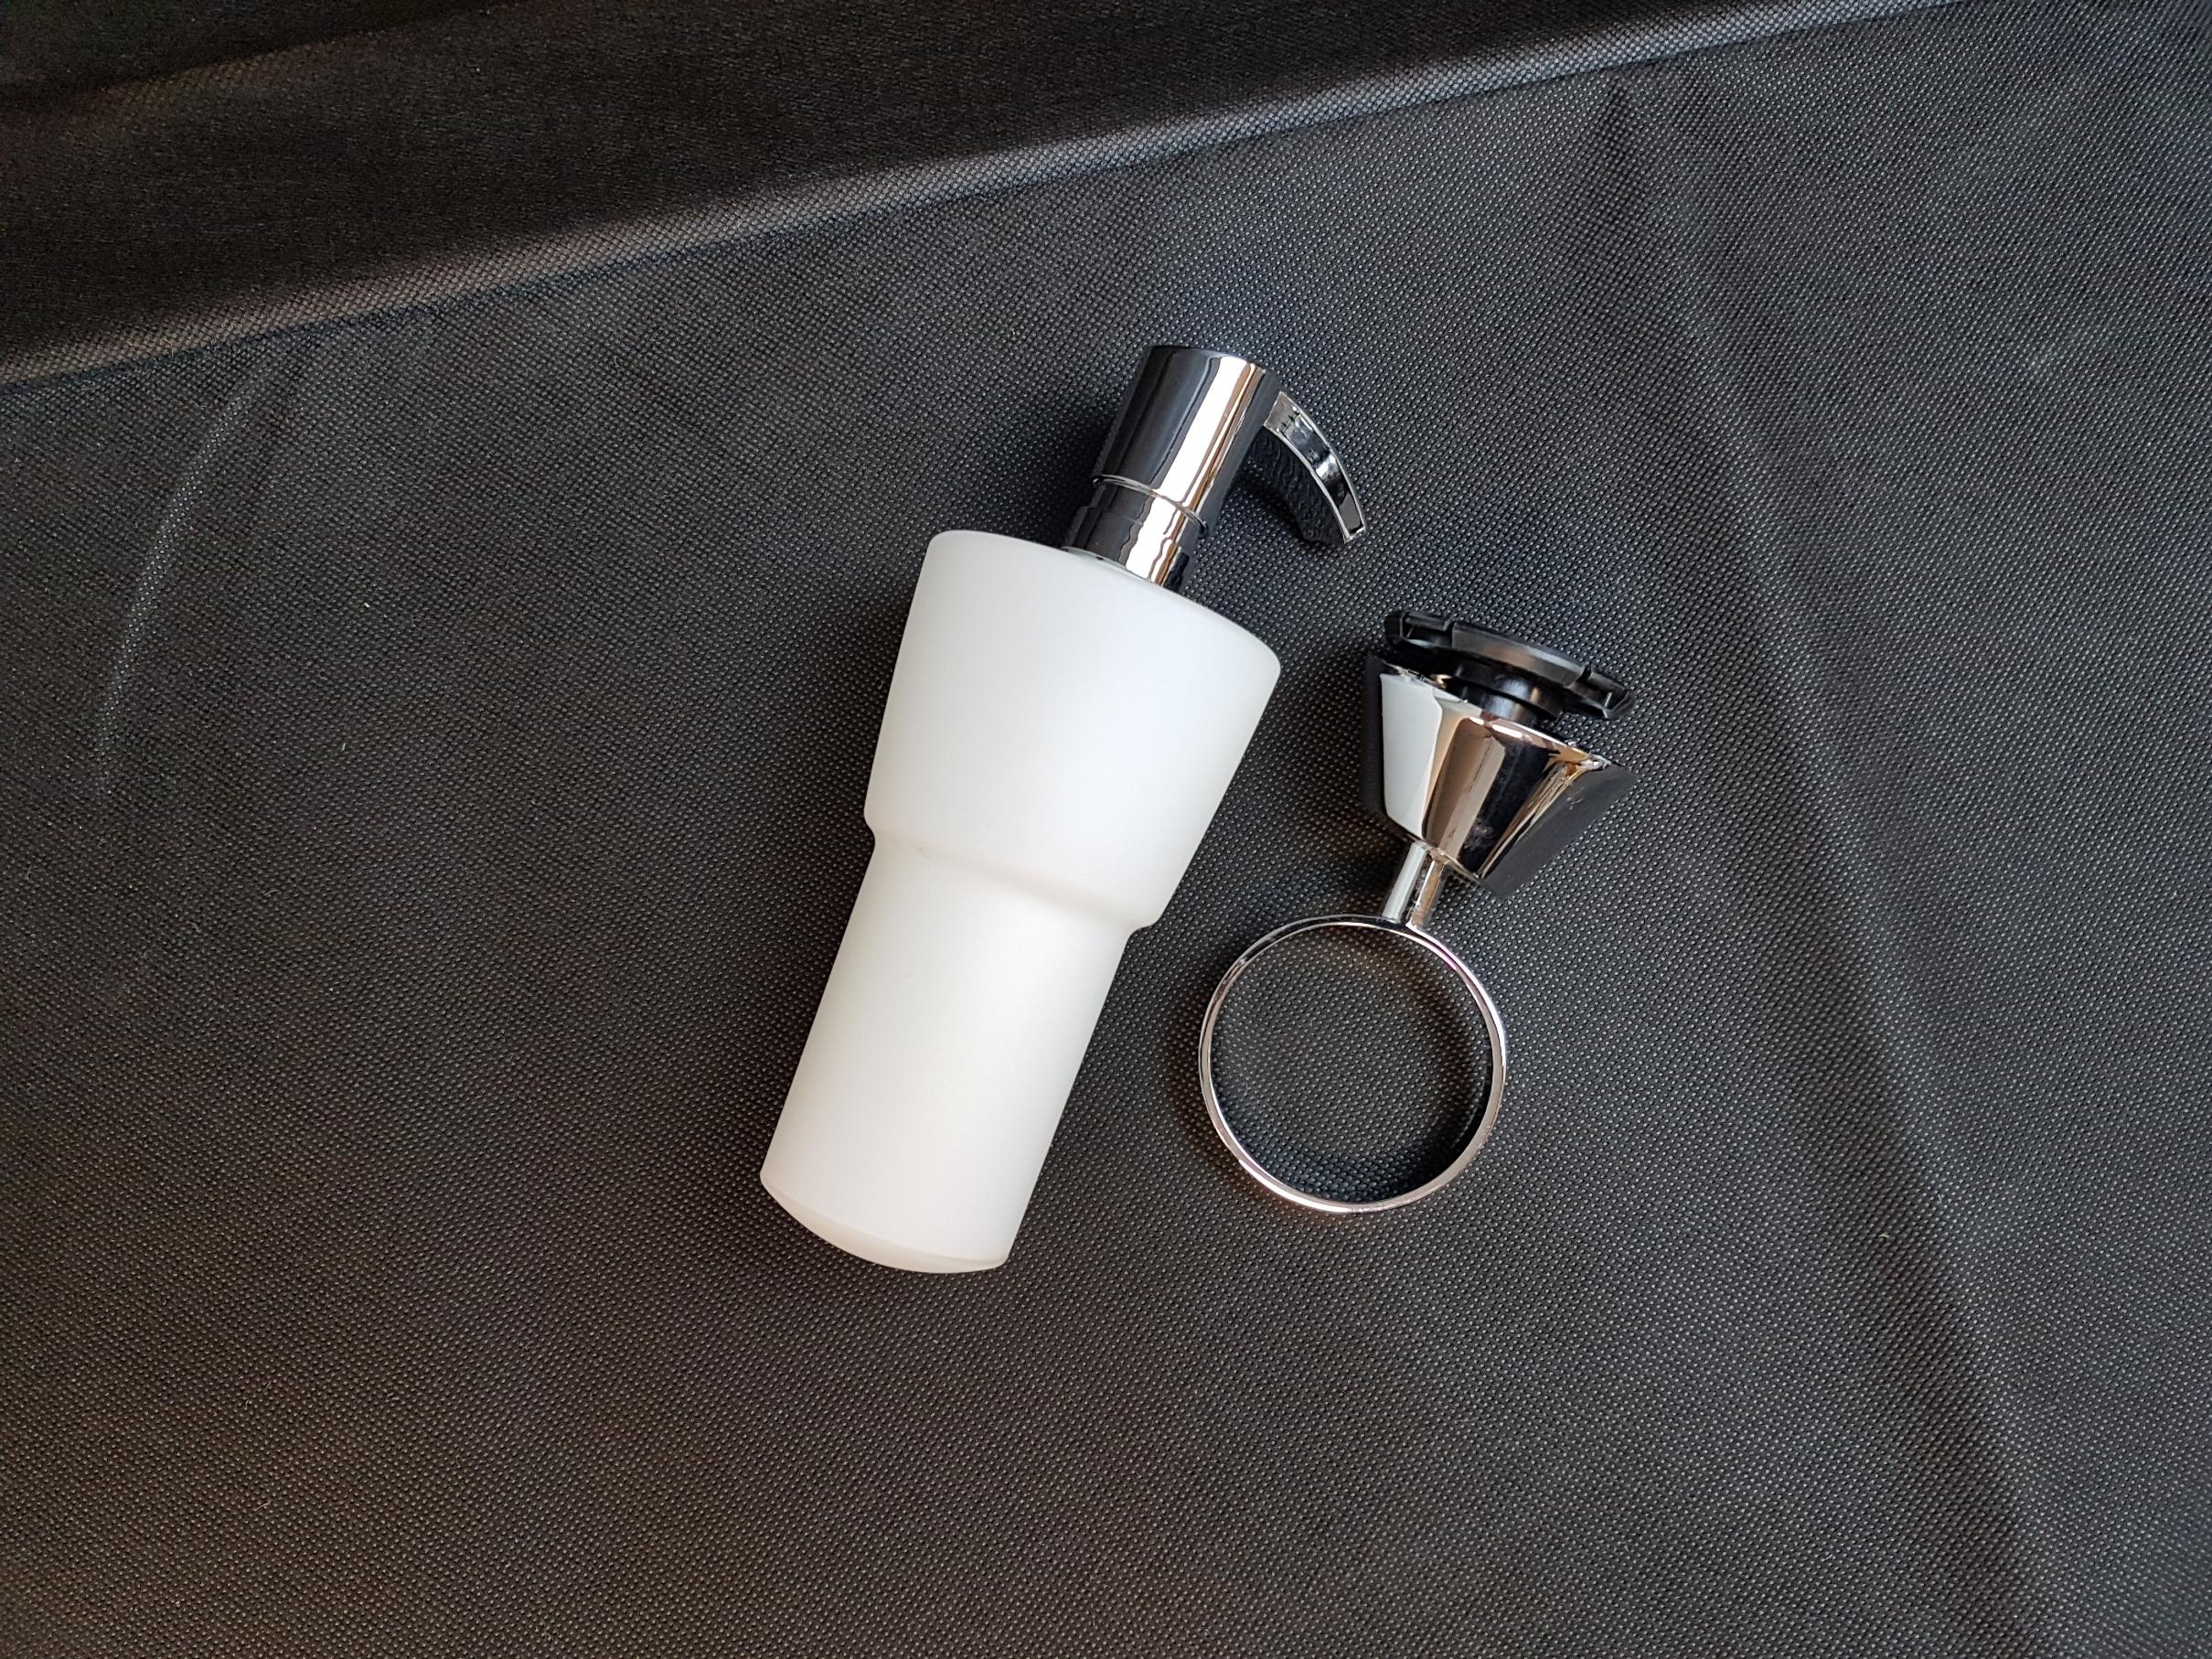 sanitaer seifenspender aus glas b ware. Black Bedroom Furniture Sets. Home Design Ideas